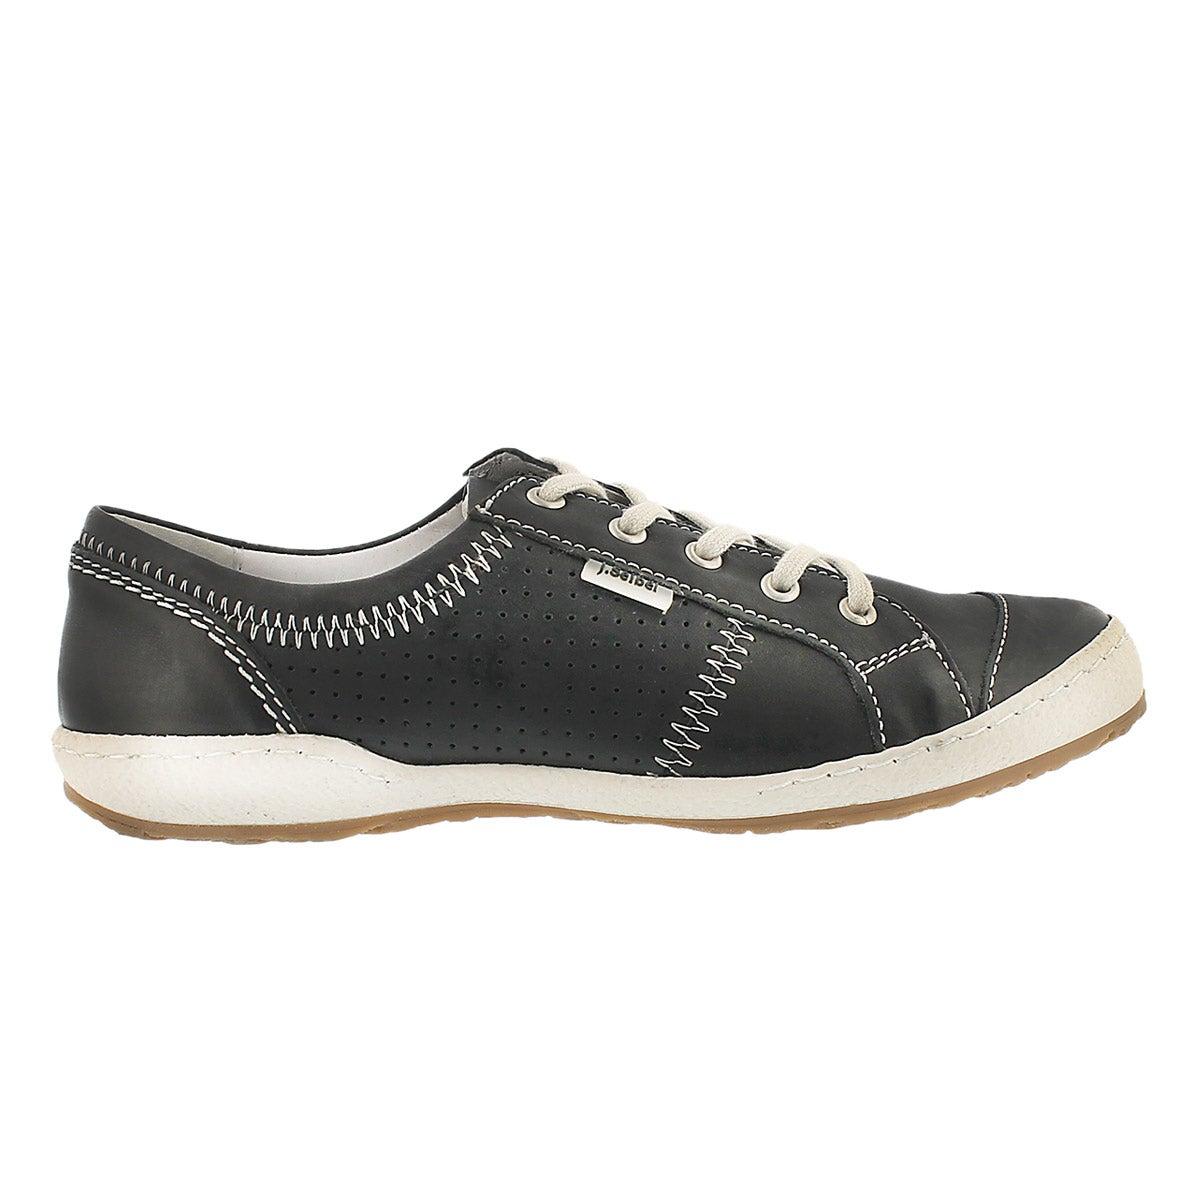 Lds Caspian black lace up shoe